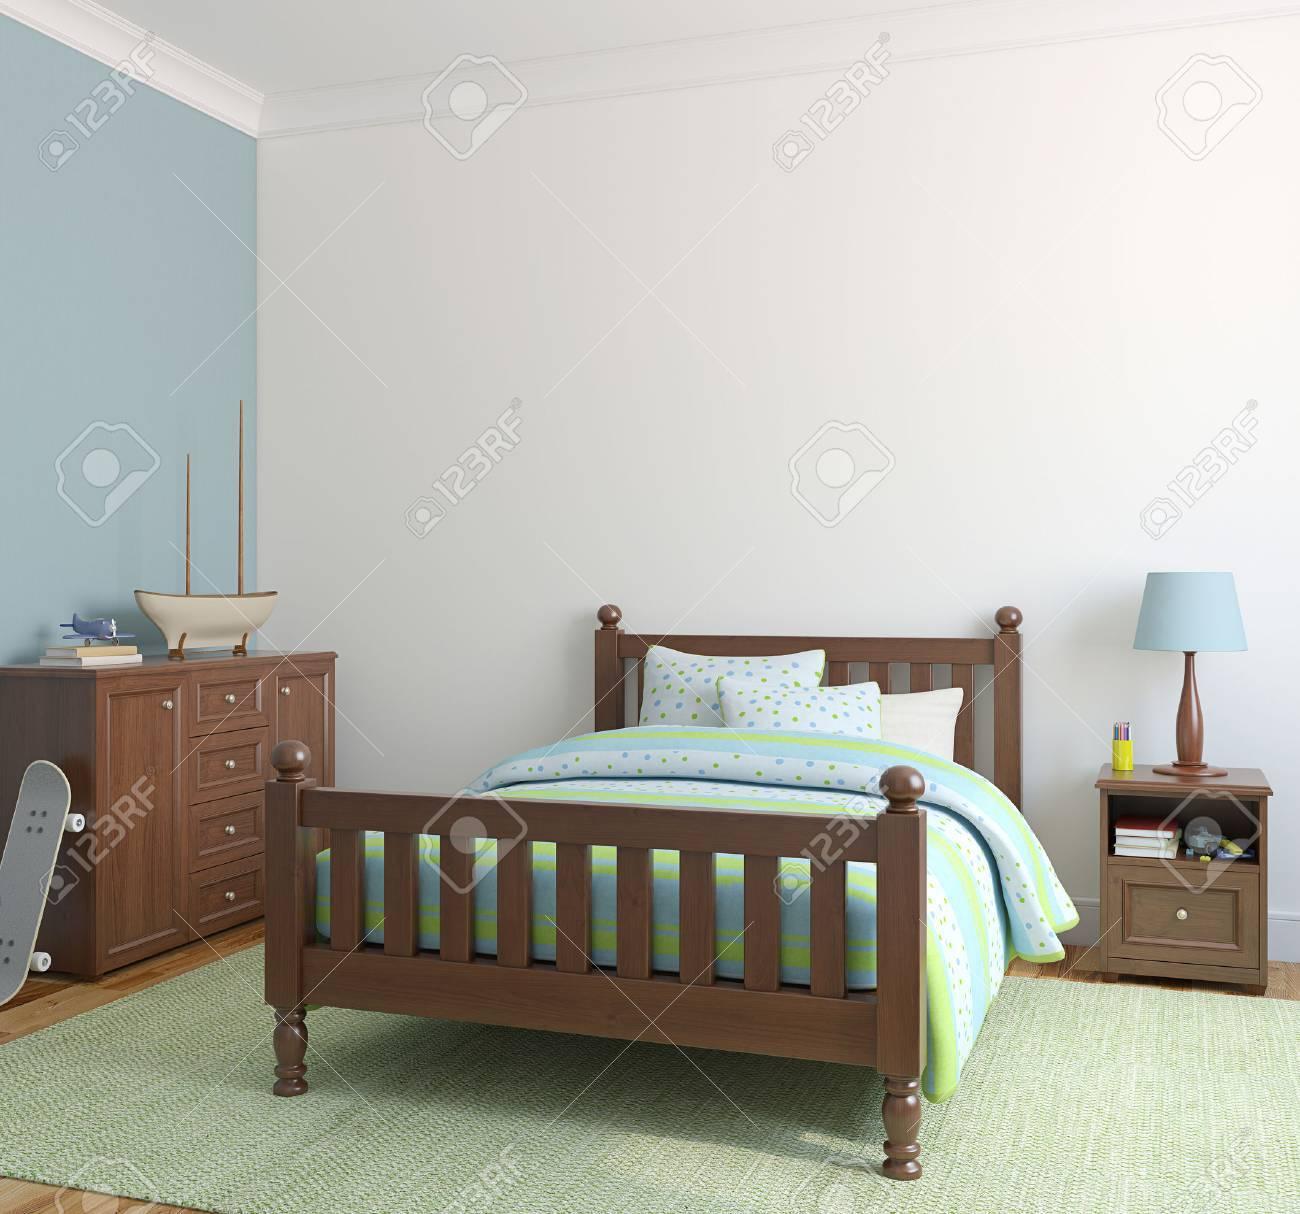 Bedroom for boy. 3d render. - 45647664